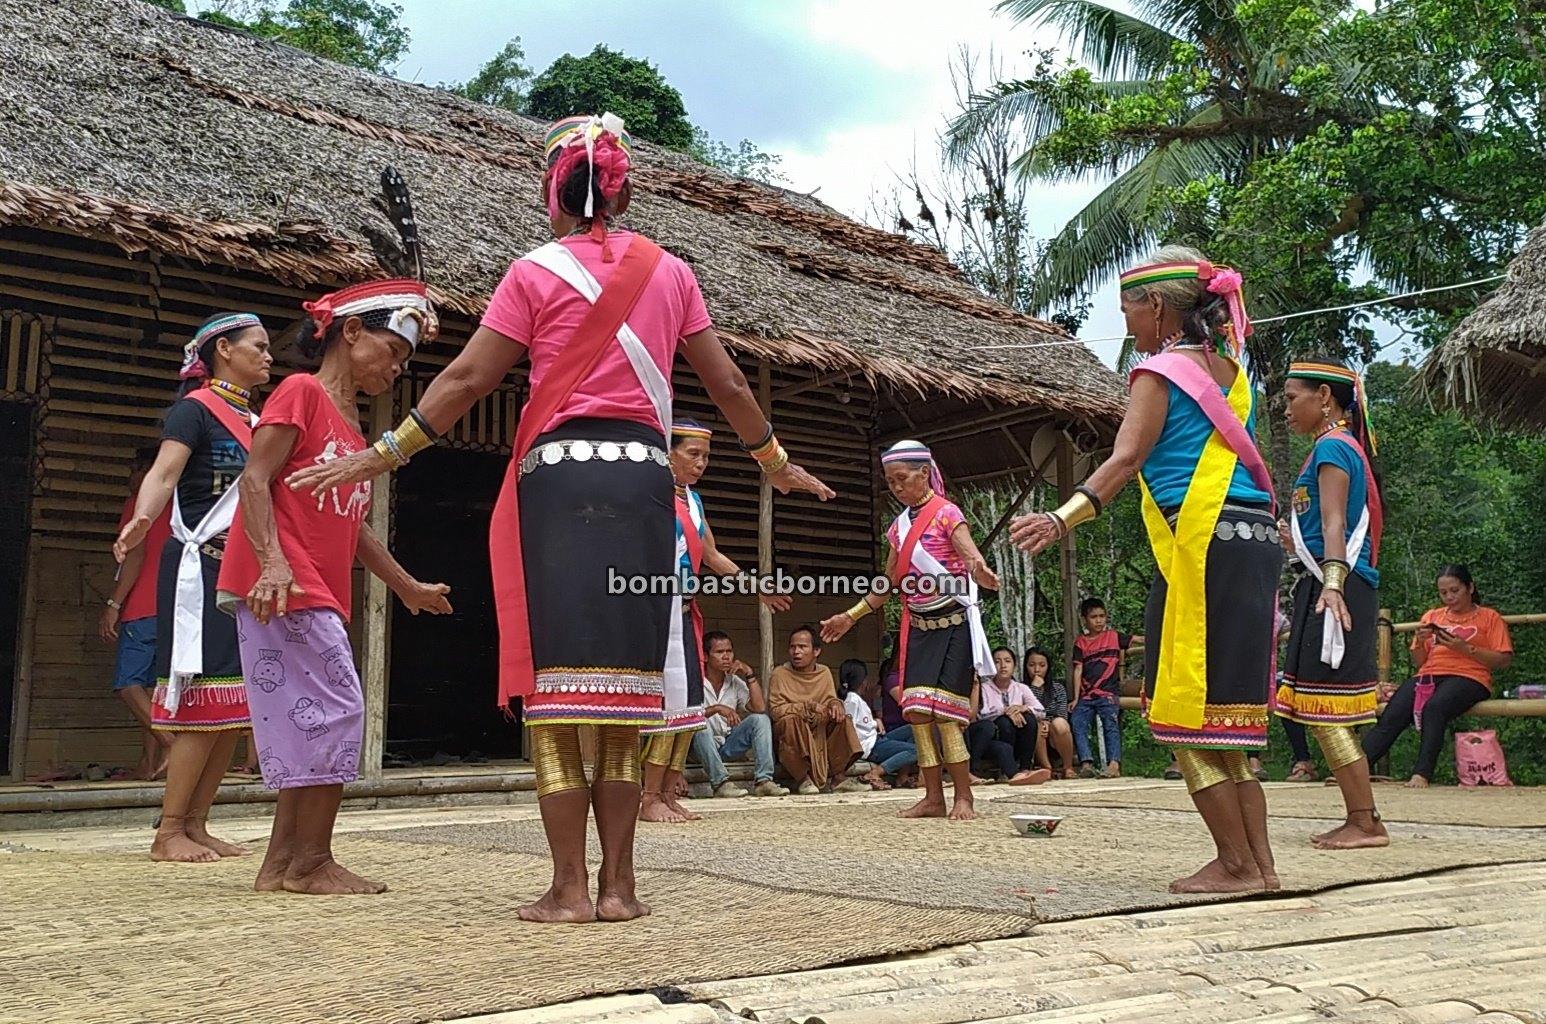 Gawai Serumpun, gelang tambaga, Sungkung Anep, Dusun Medeng, indigenous, Bengkayang, Indonesia, West Kalimantan, Dayak Bidayuh, native, tribal, Tourism, travel guide, 穿越婆罗洲丰收节, 印尼西加里曼丹, 原住民比达友族部落